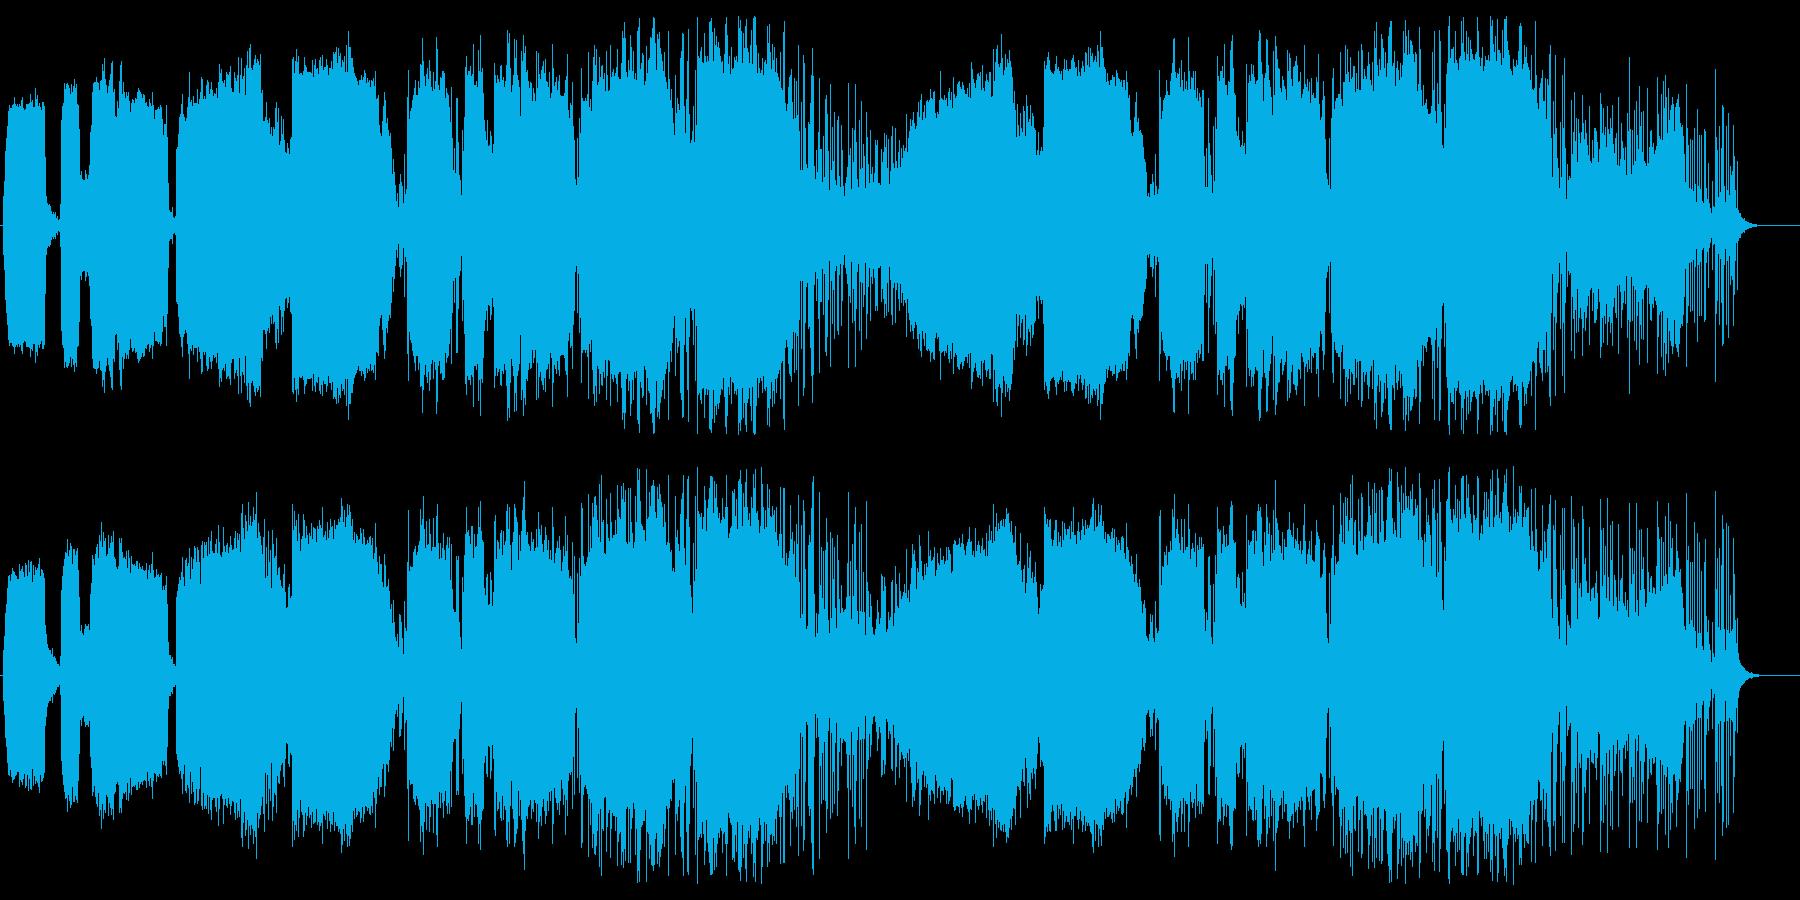 エスニック風の再生済みの波形